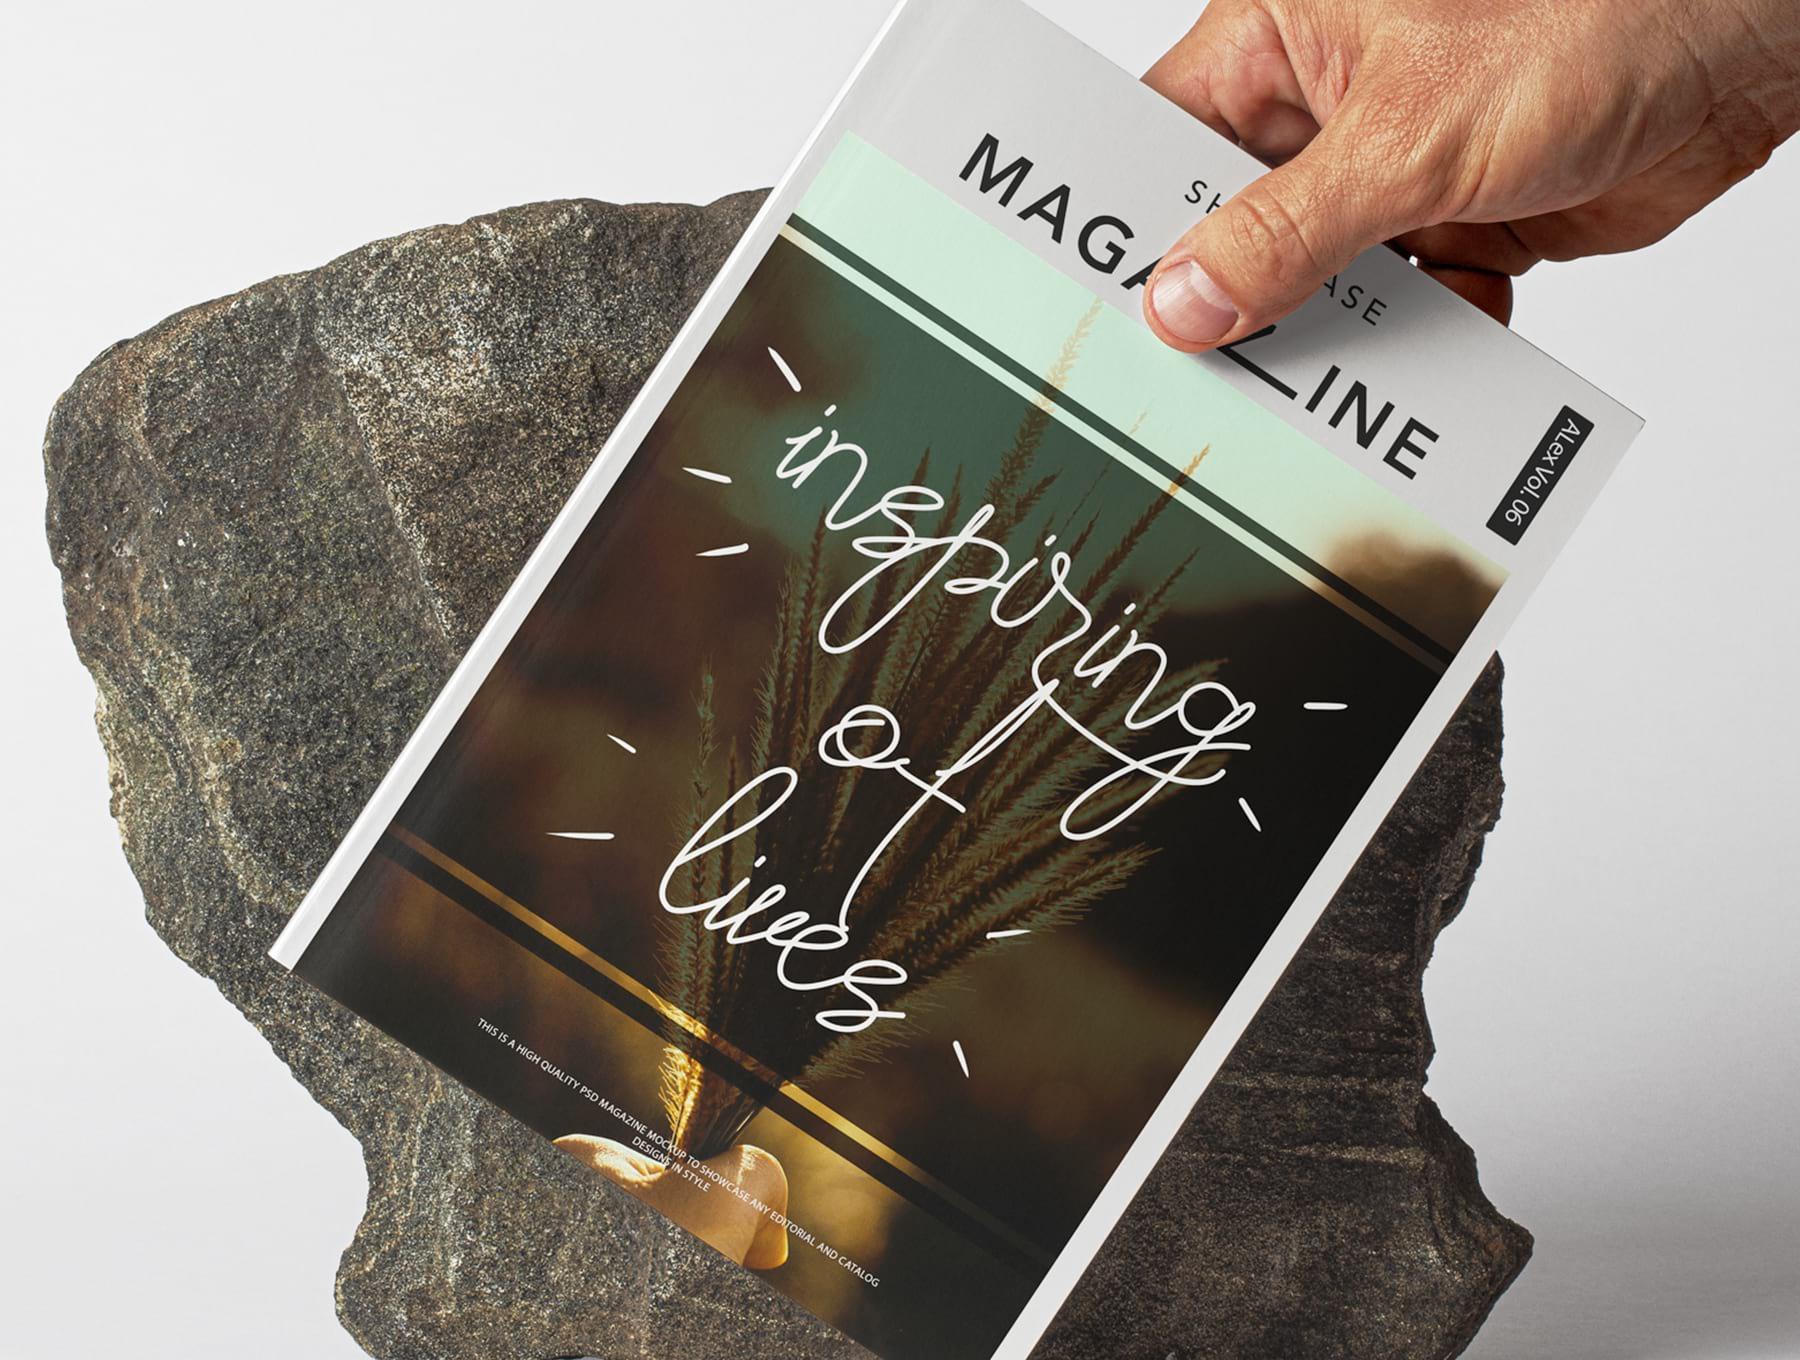 现代时尚手写签名脚本字体下载设计素材模板